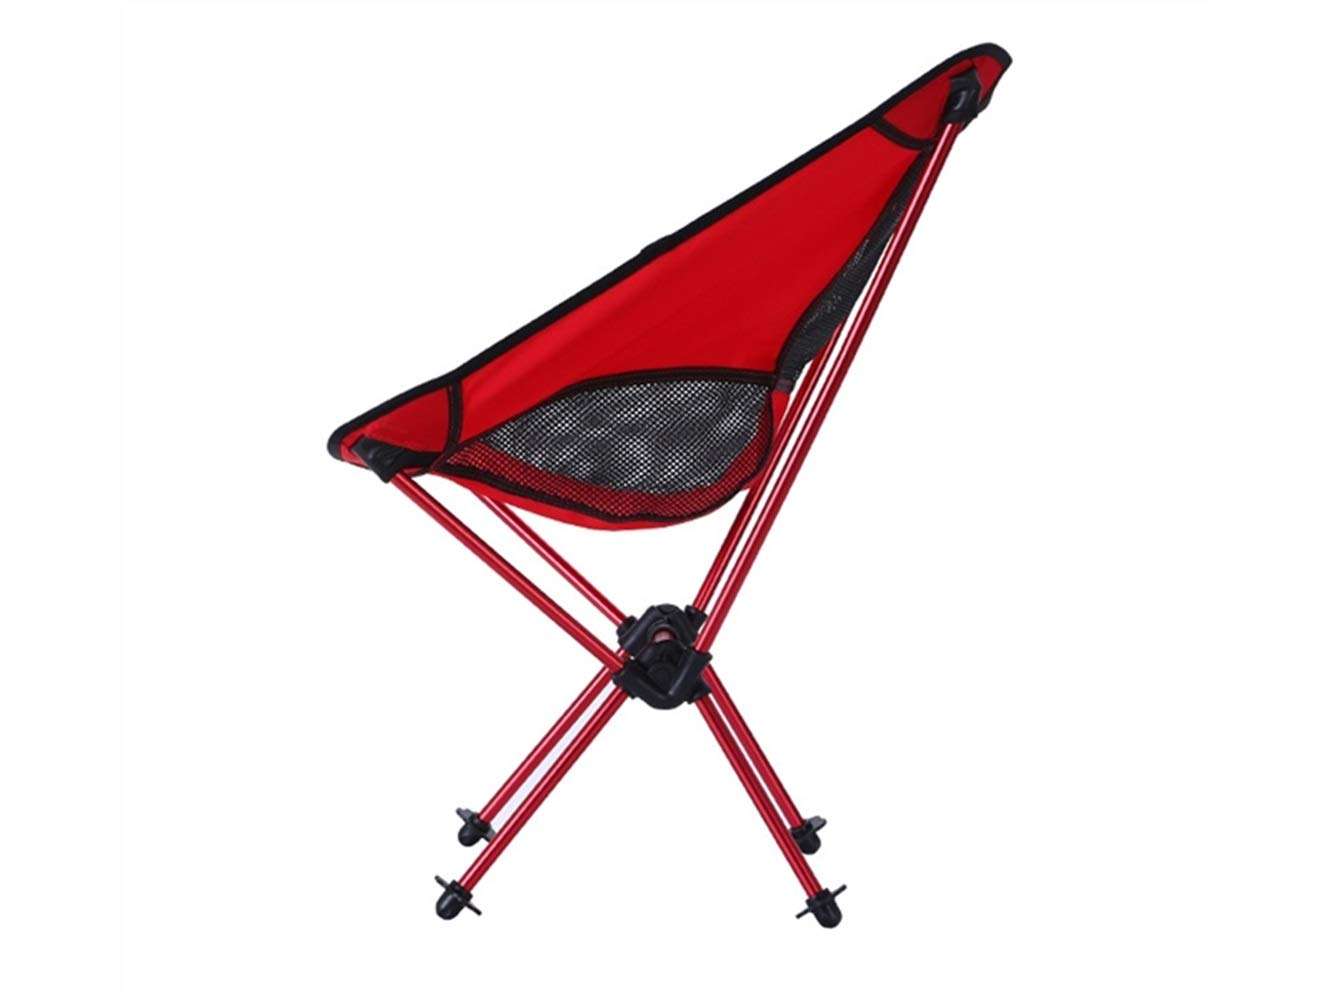 ADream Silla de Pesca Plegable Camping portátil reclinable Silla de Camping Plegable para al Aire Libre y la Pesca (Rojo y Negro) cacfba